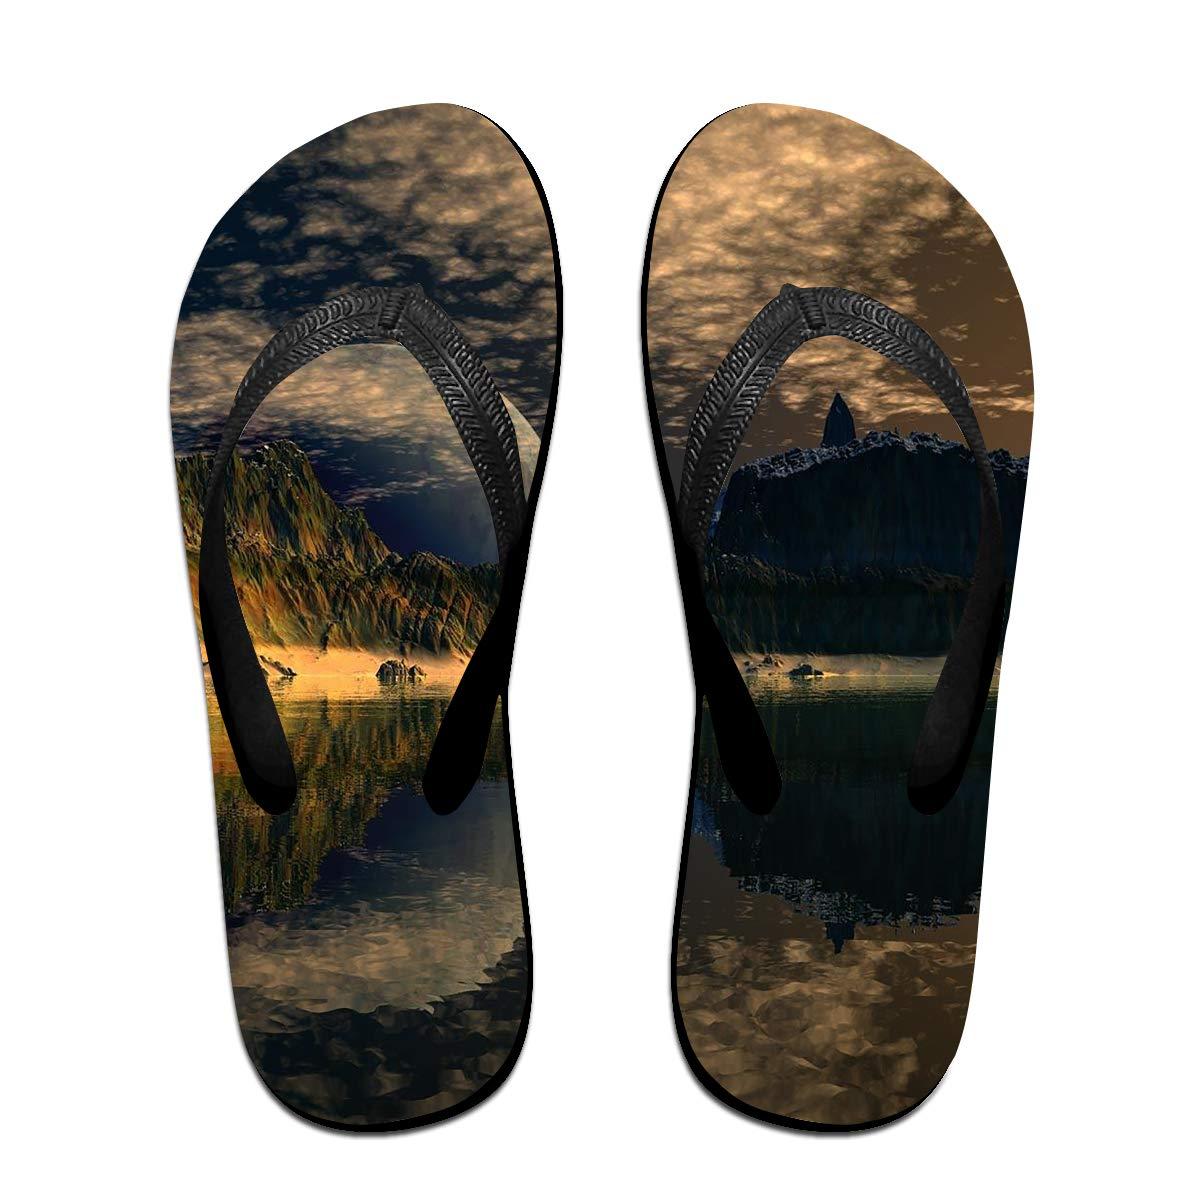 Couple Slipper Sunrise Mountain Print Flip Flops Unisex Chic Sandals Rubber Non-Slip Spa Thong Slippers